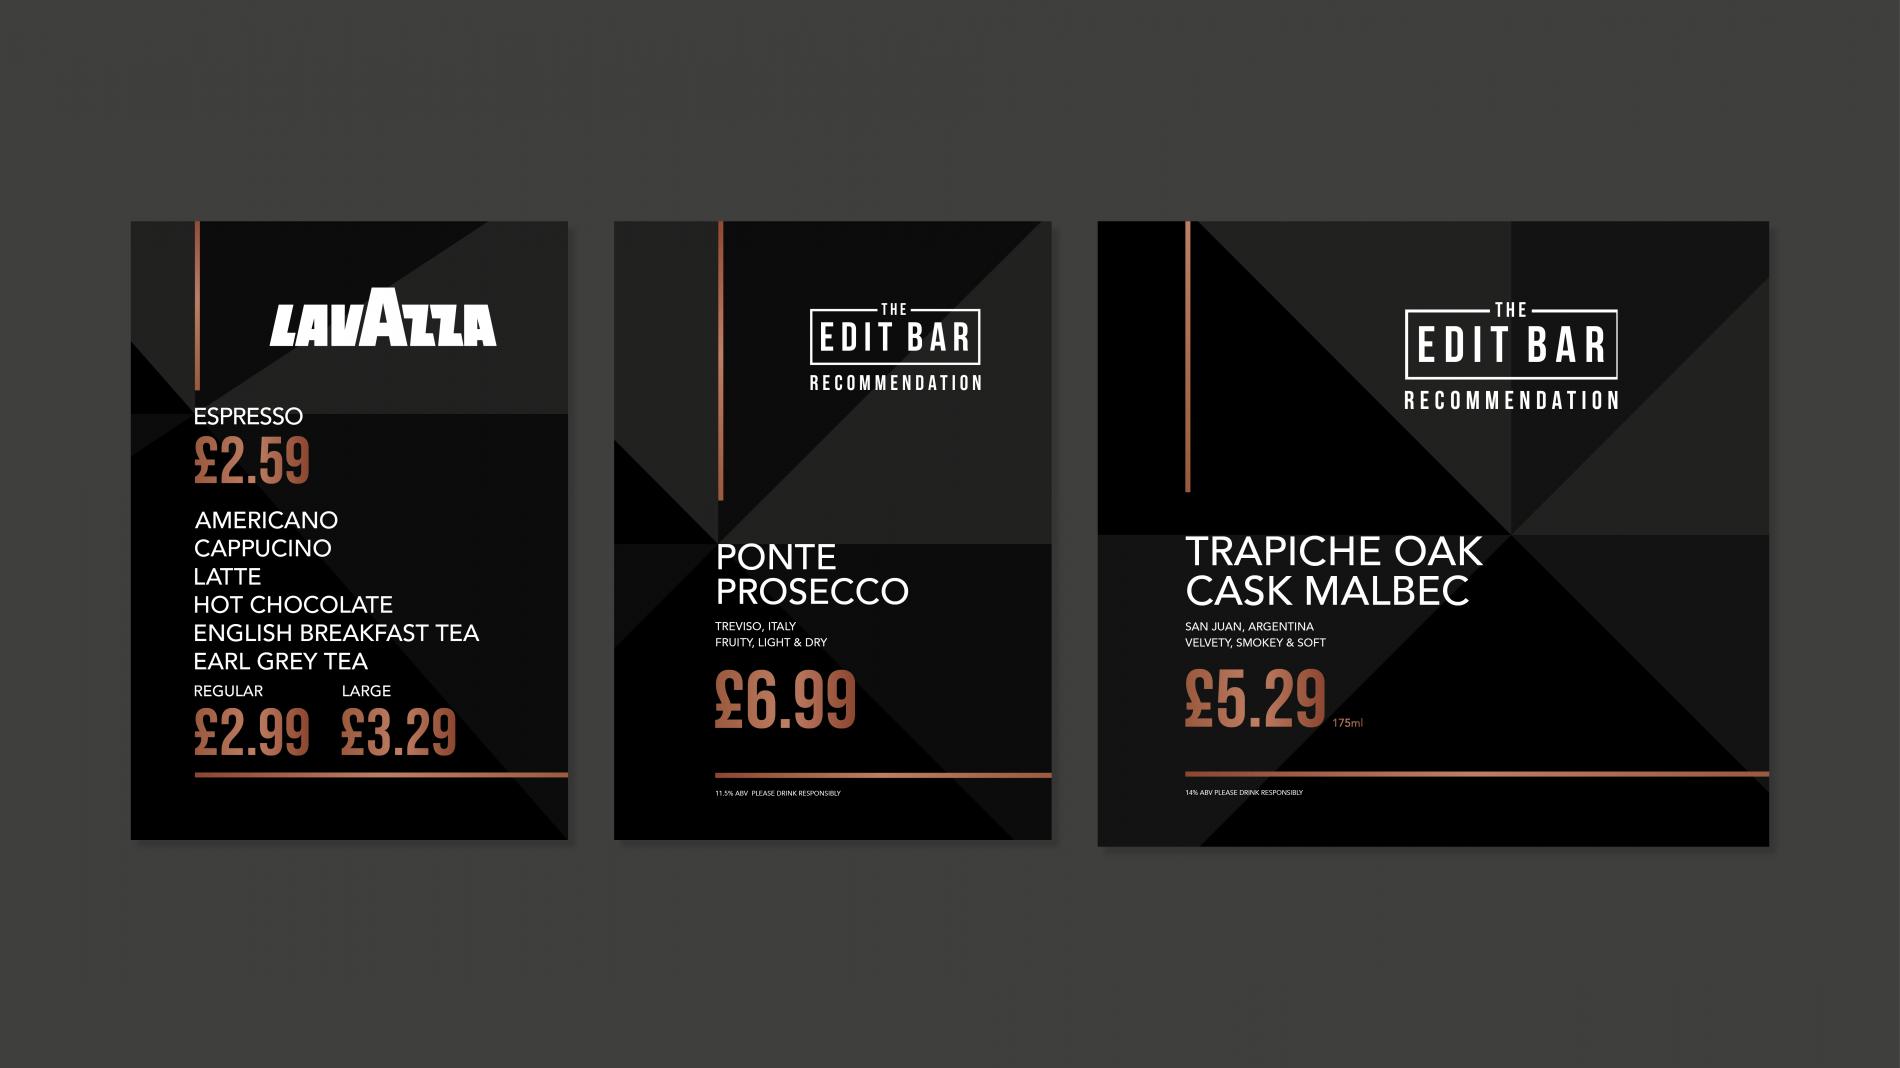 The Edit Bar promotional menus